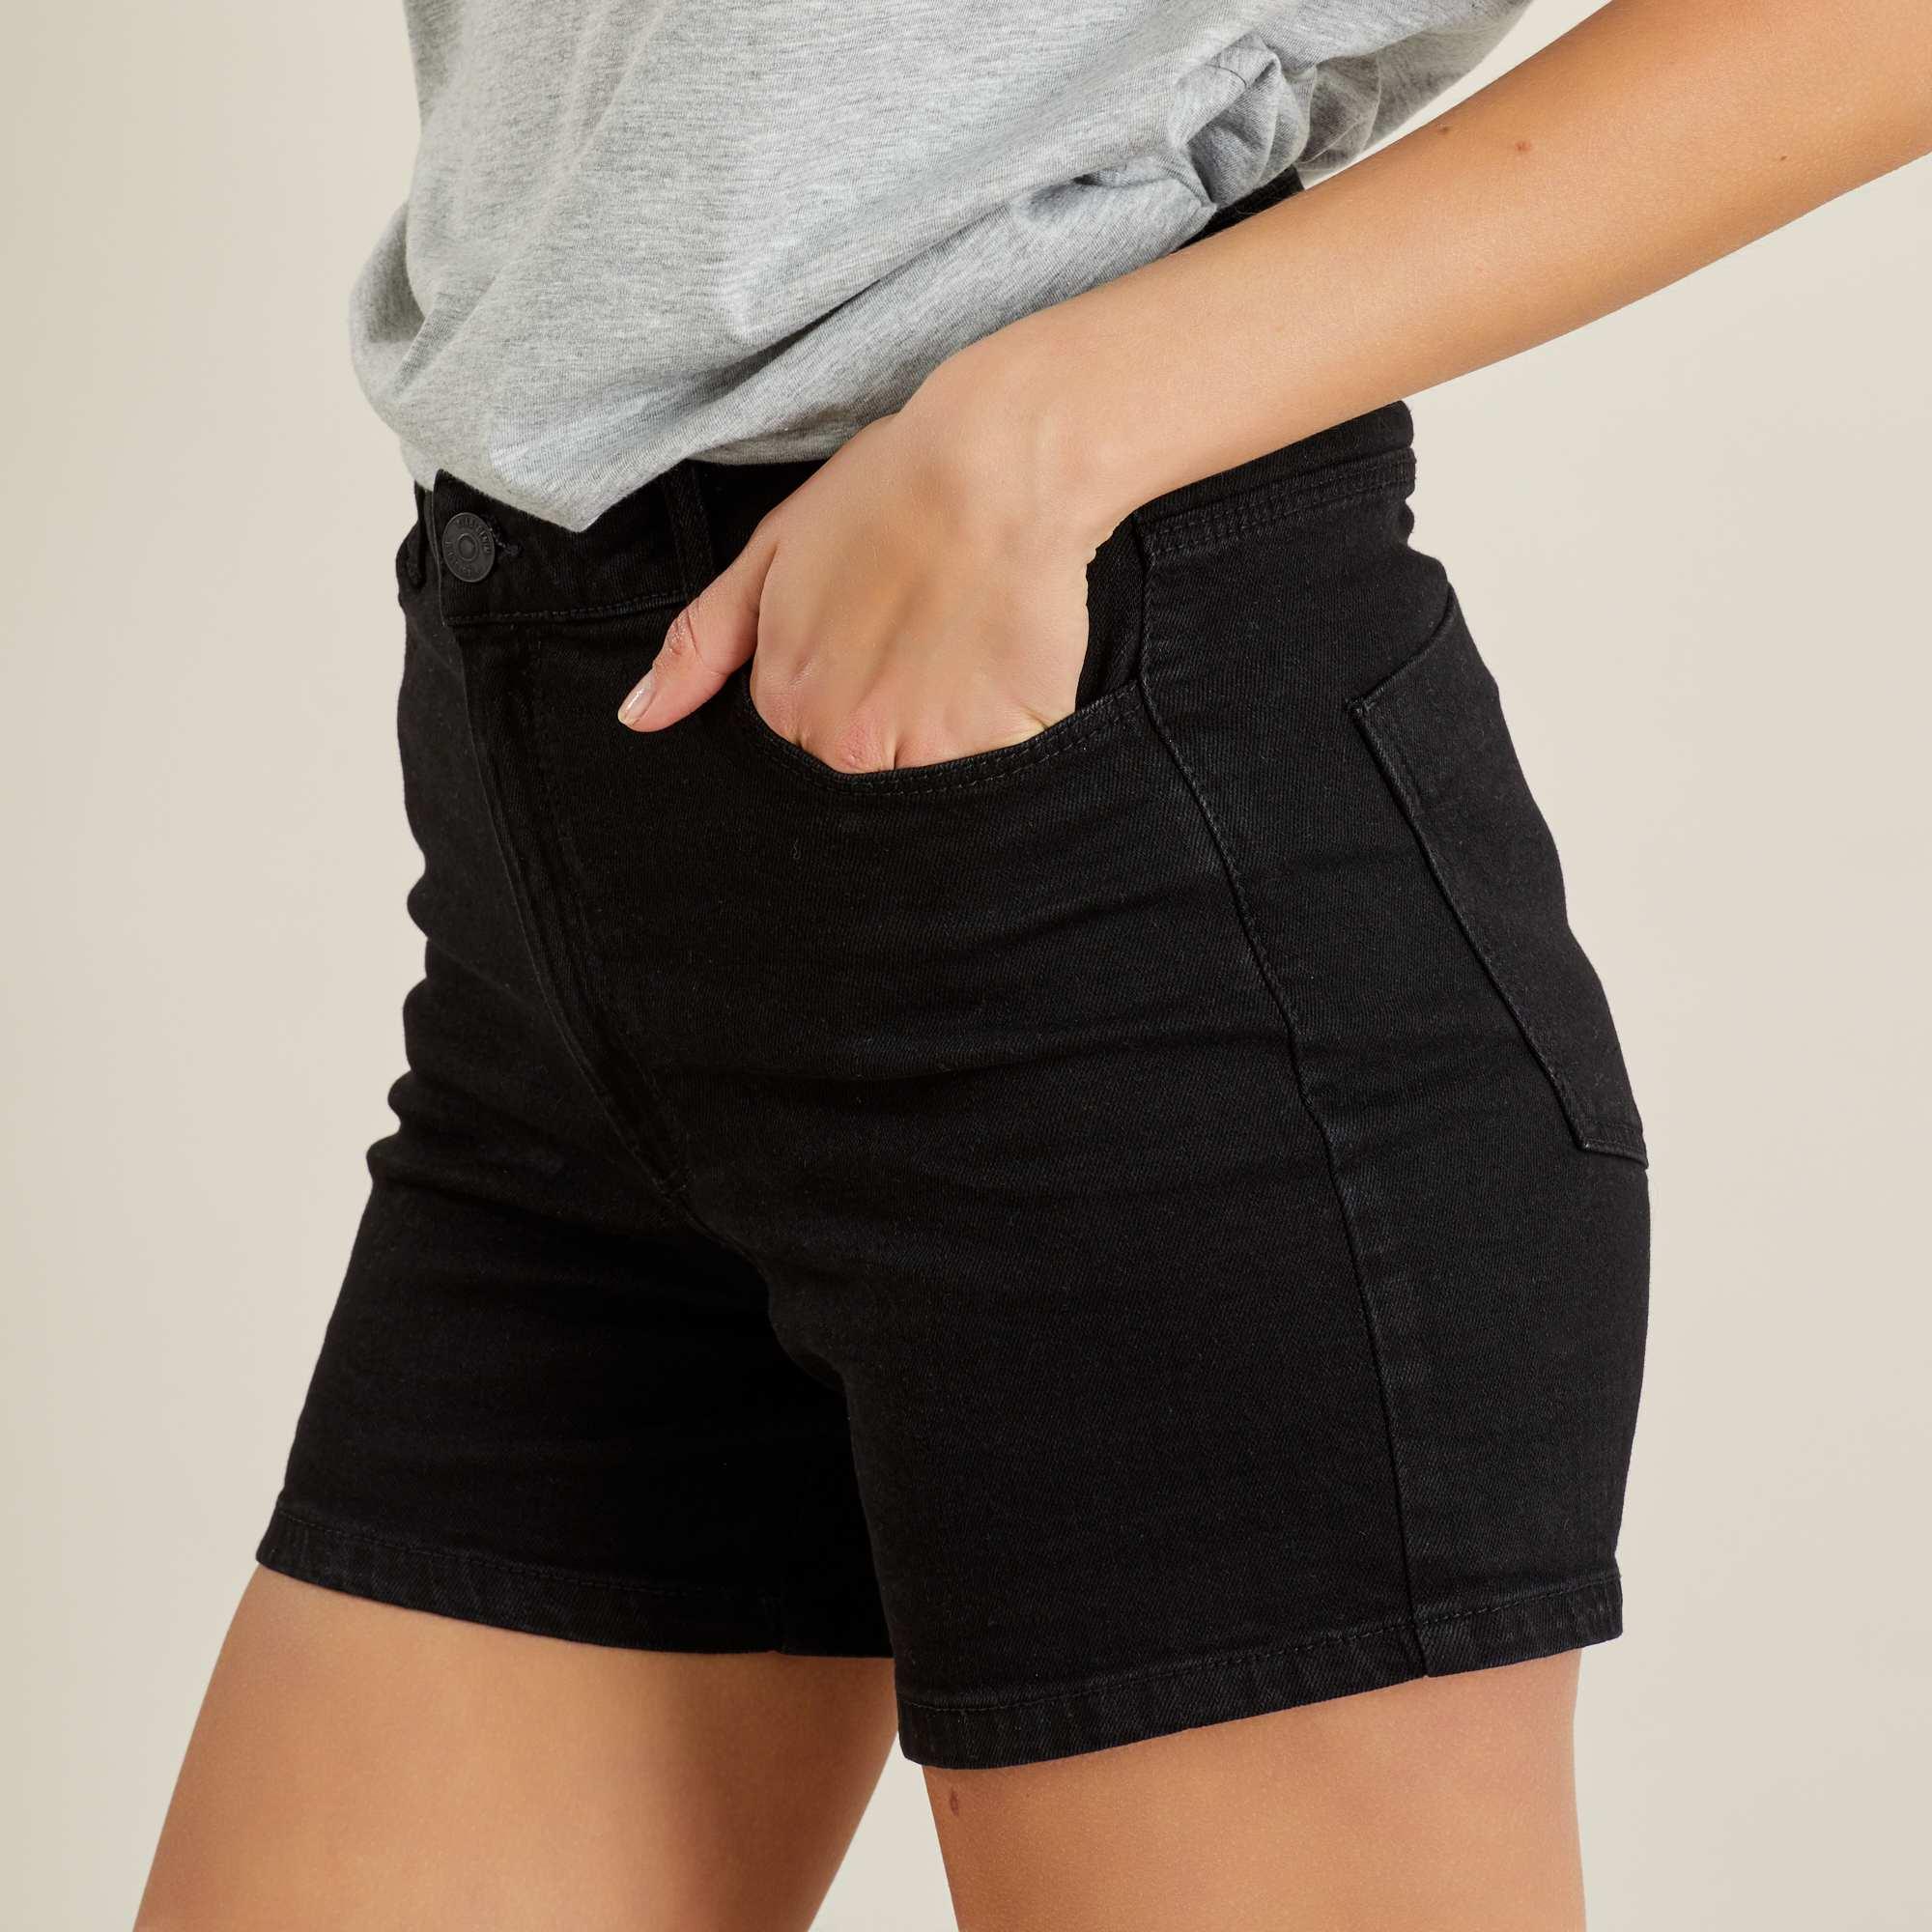 Couleur : denim black, bleu foncé, double stone,, - Taille : 40, 36, 44,38,42Le short en jean c'est le basique dont on ne se lasse passe, et roulotté il est à la